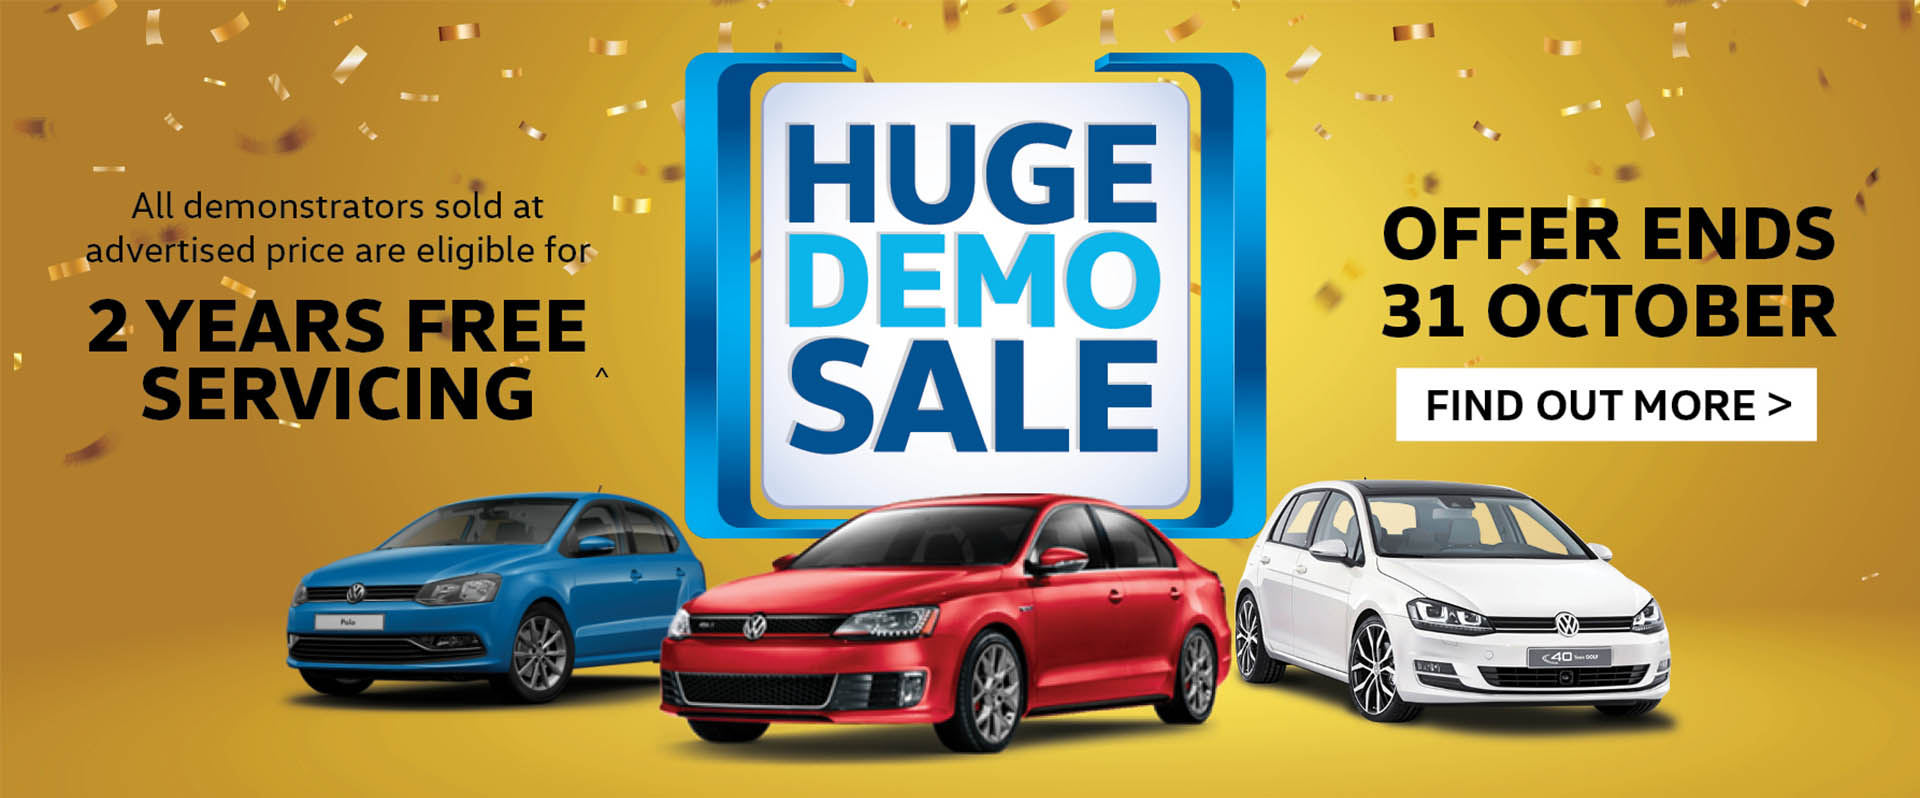 Peninsula Volkswagen Huge Demo Sale